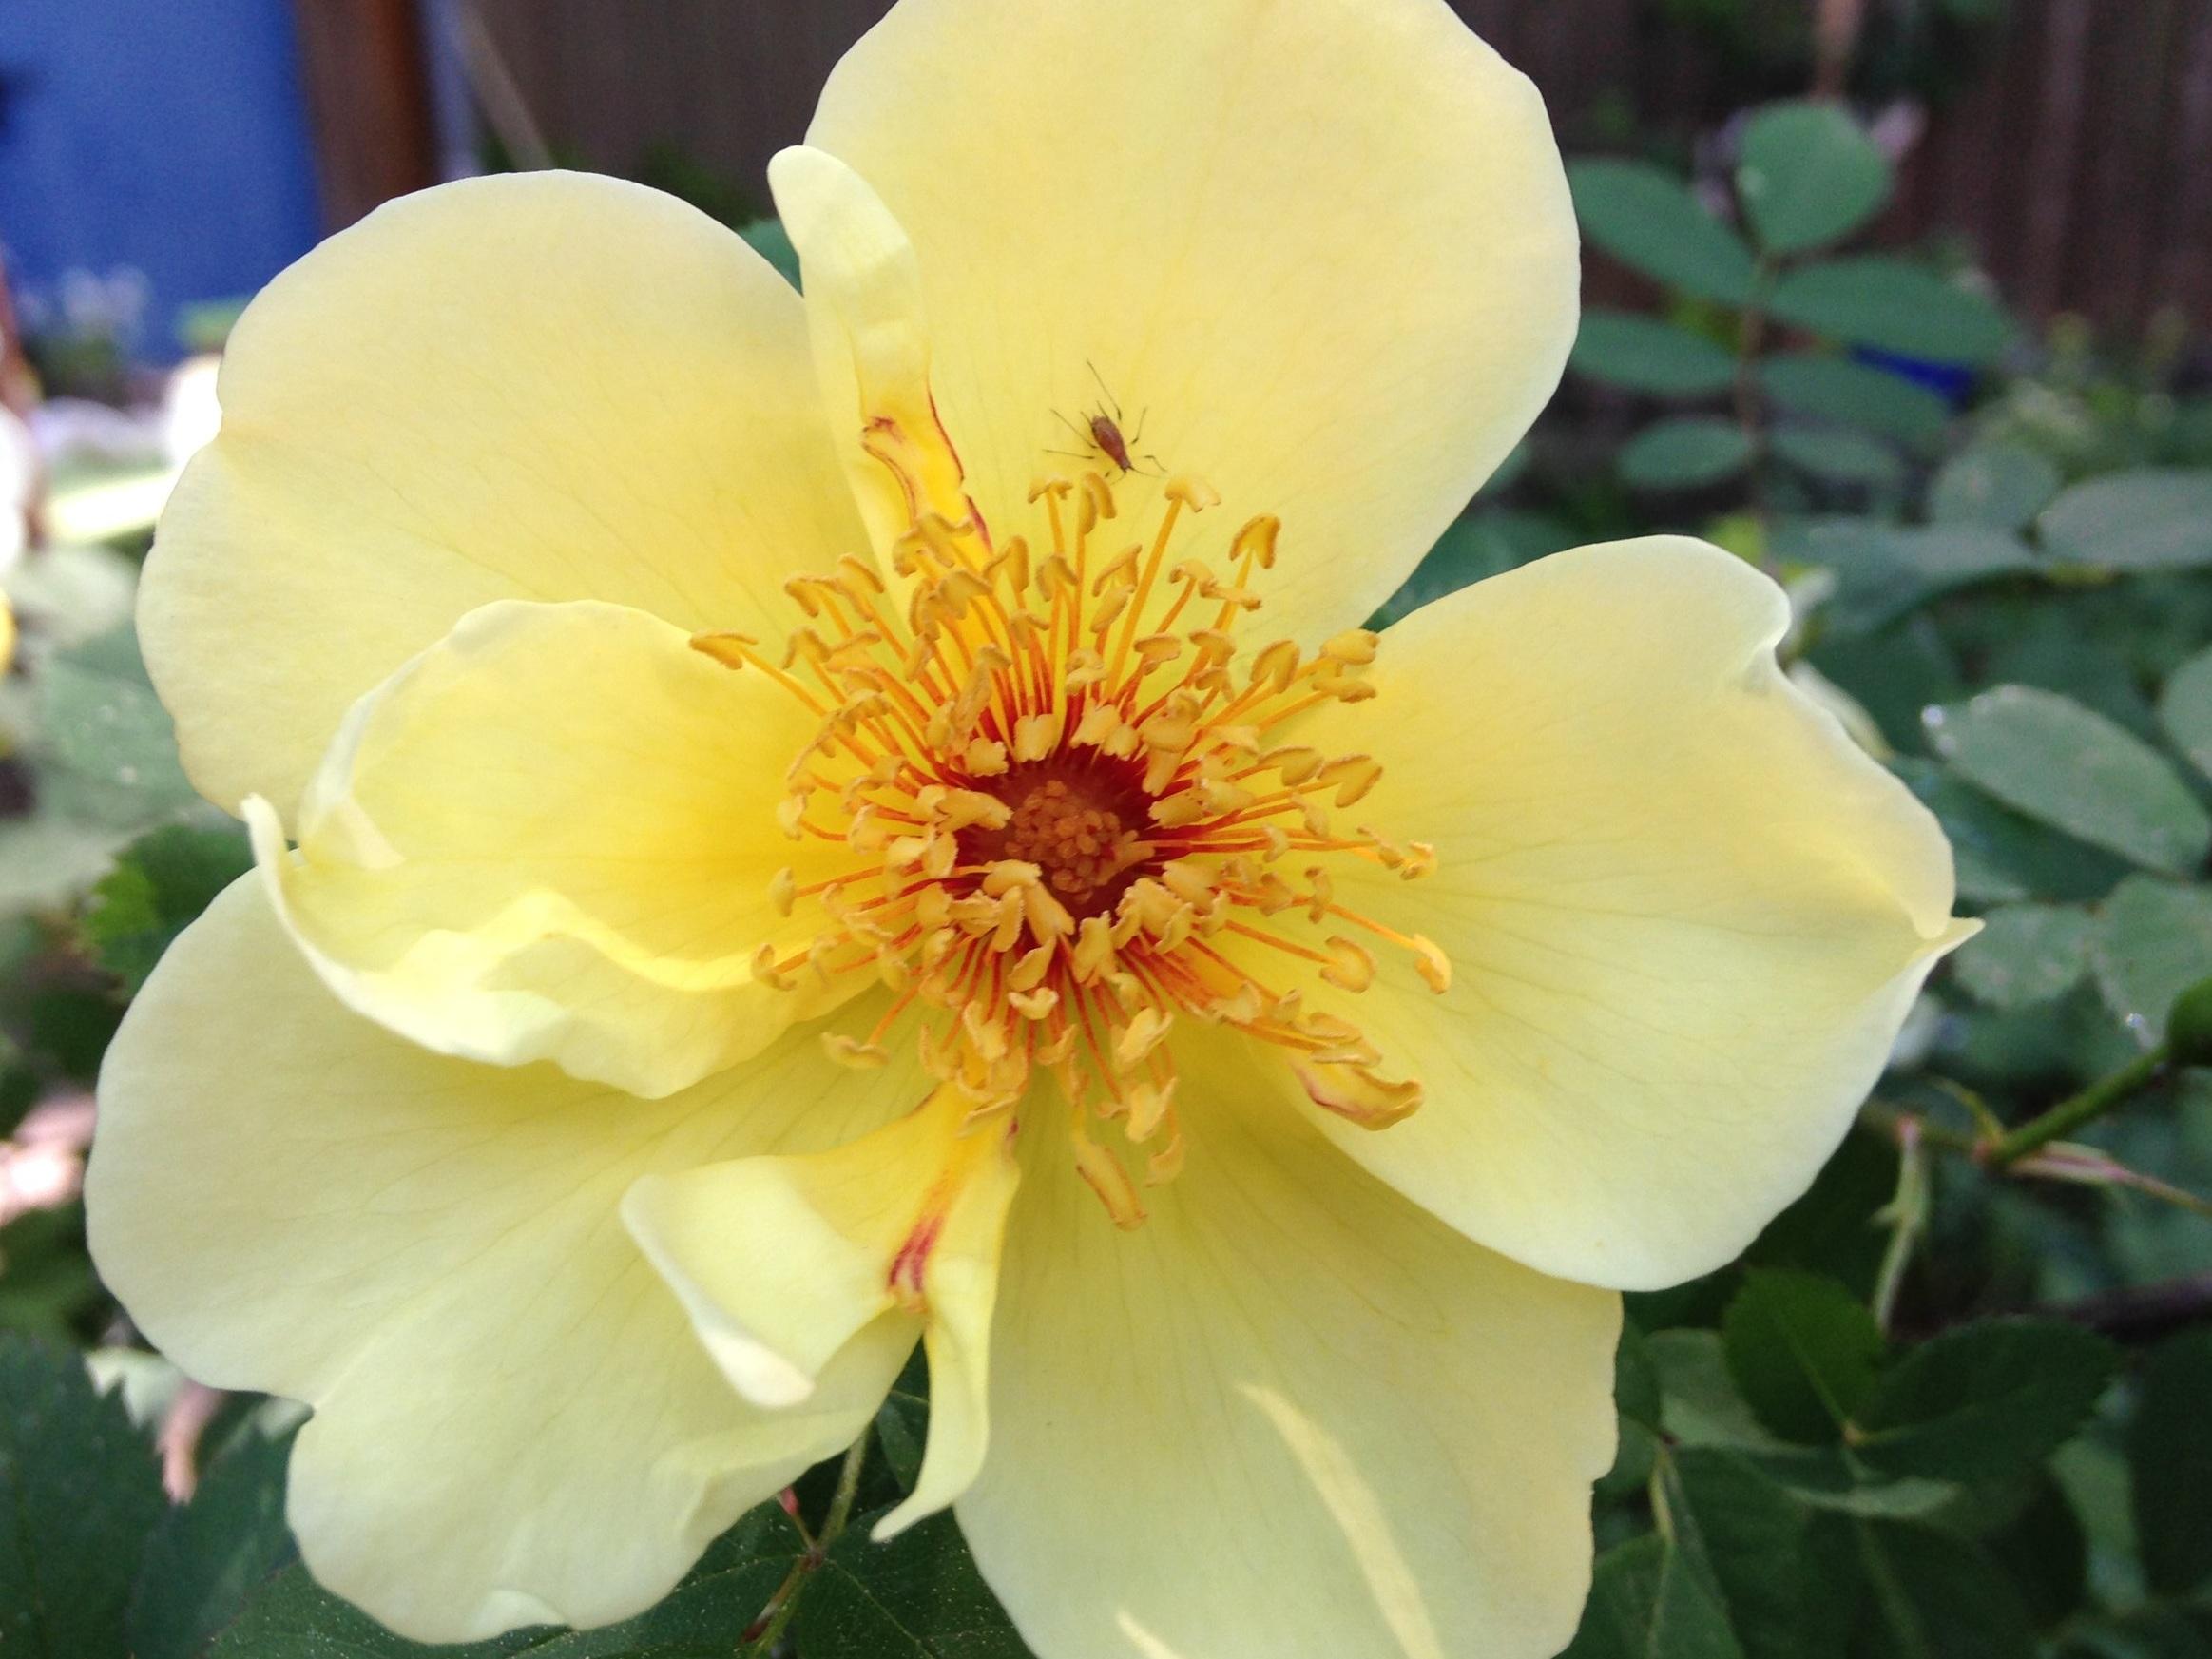 Rosenblüte gelb.JPG